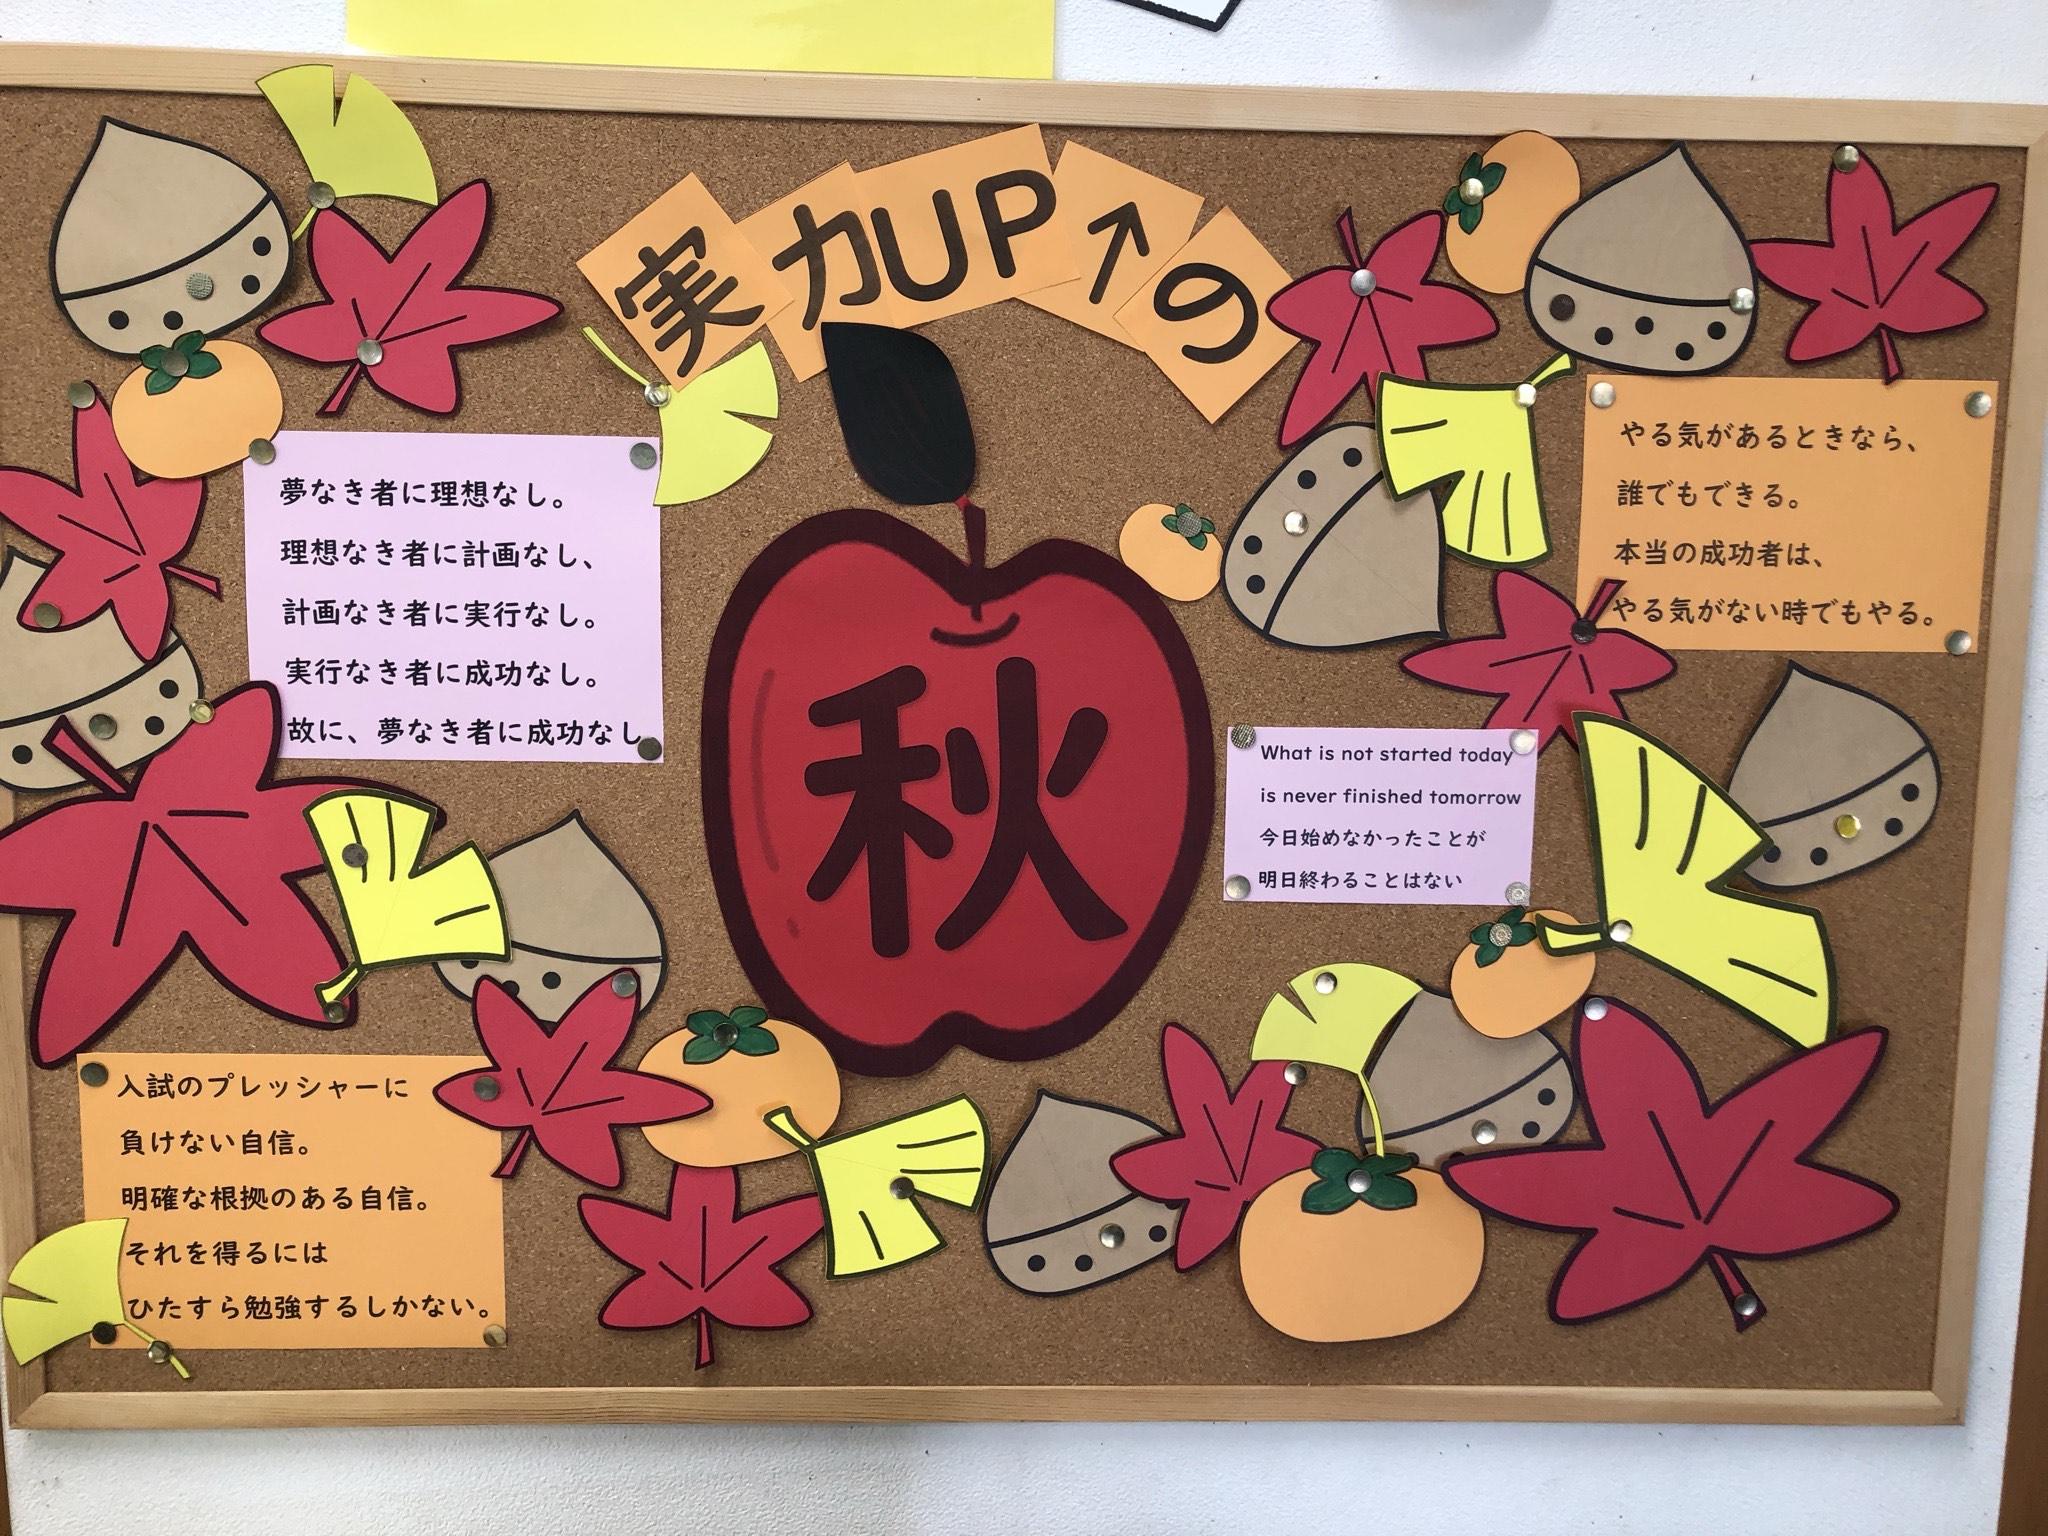 9月18日(土)は台風14号接近により校舎を全面休校とさせていただきます。